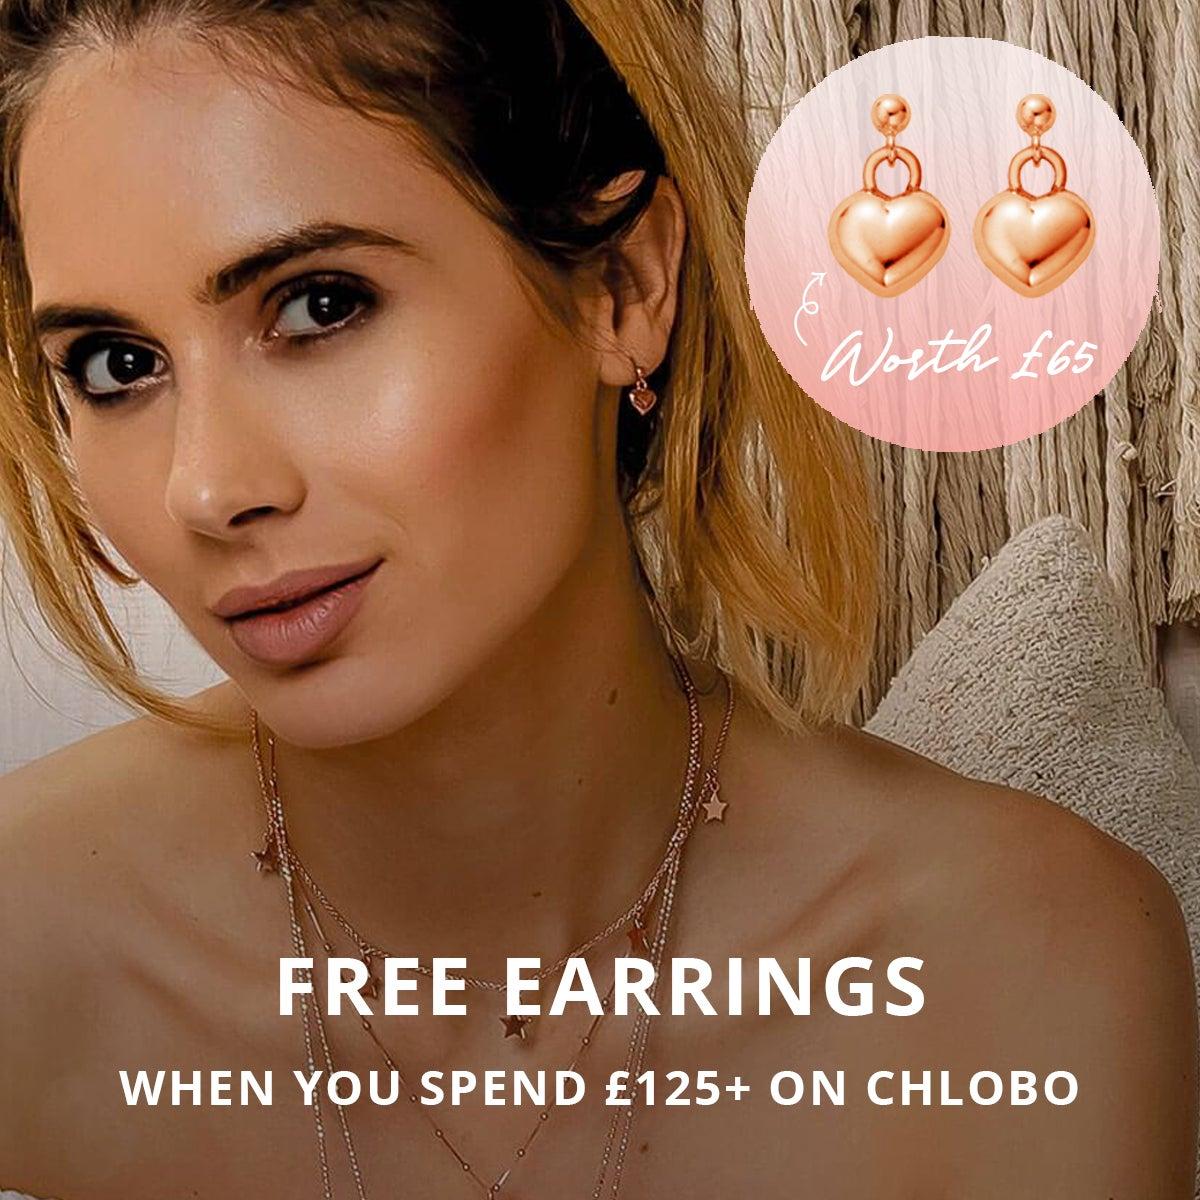 Free Earrings GWP